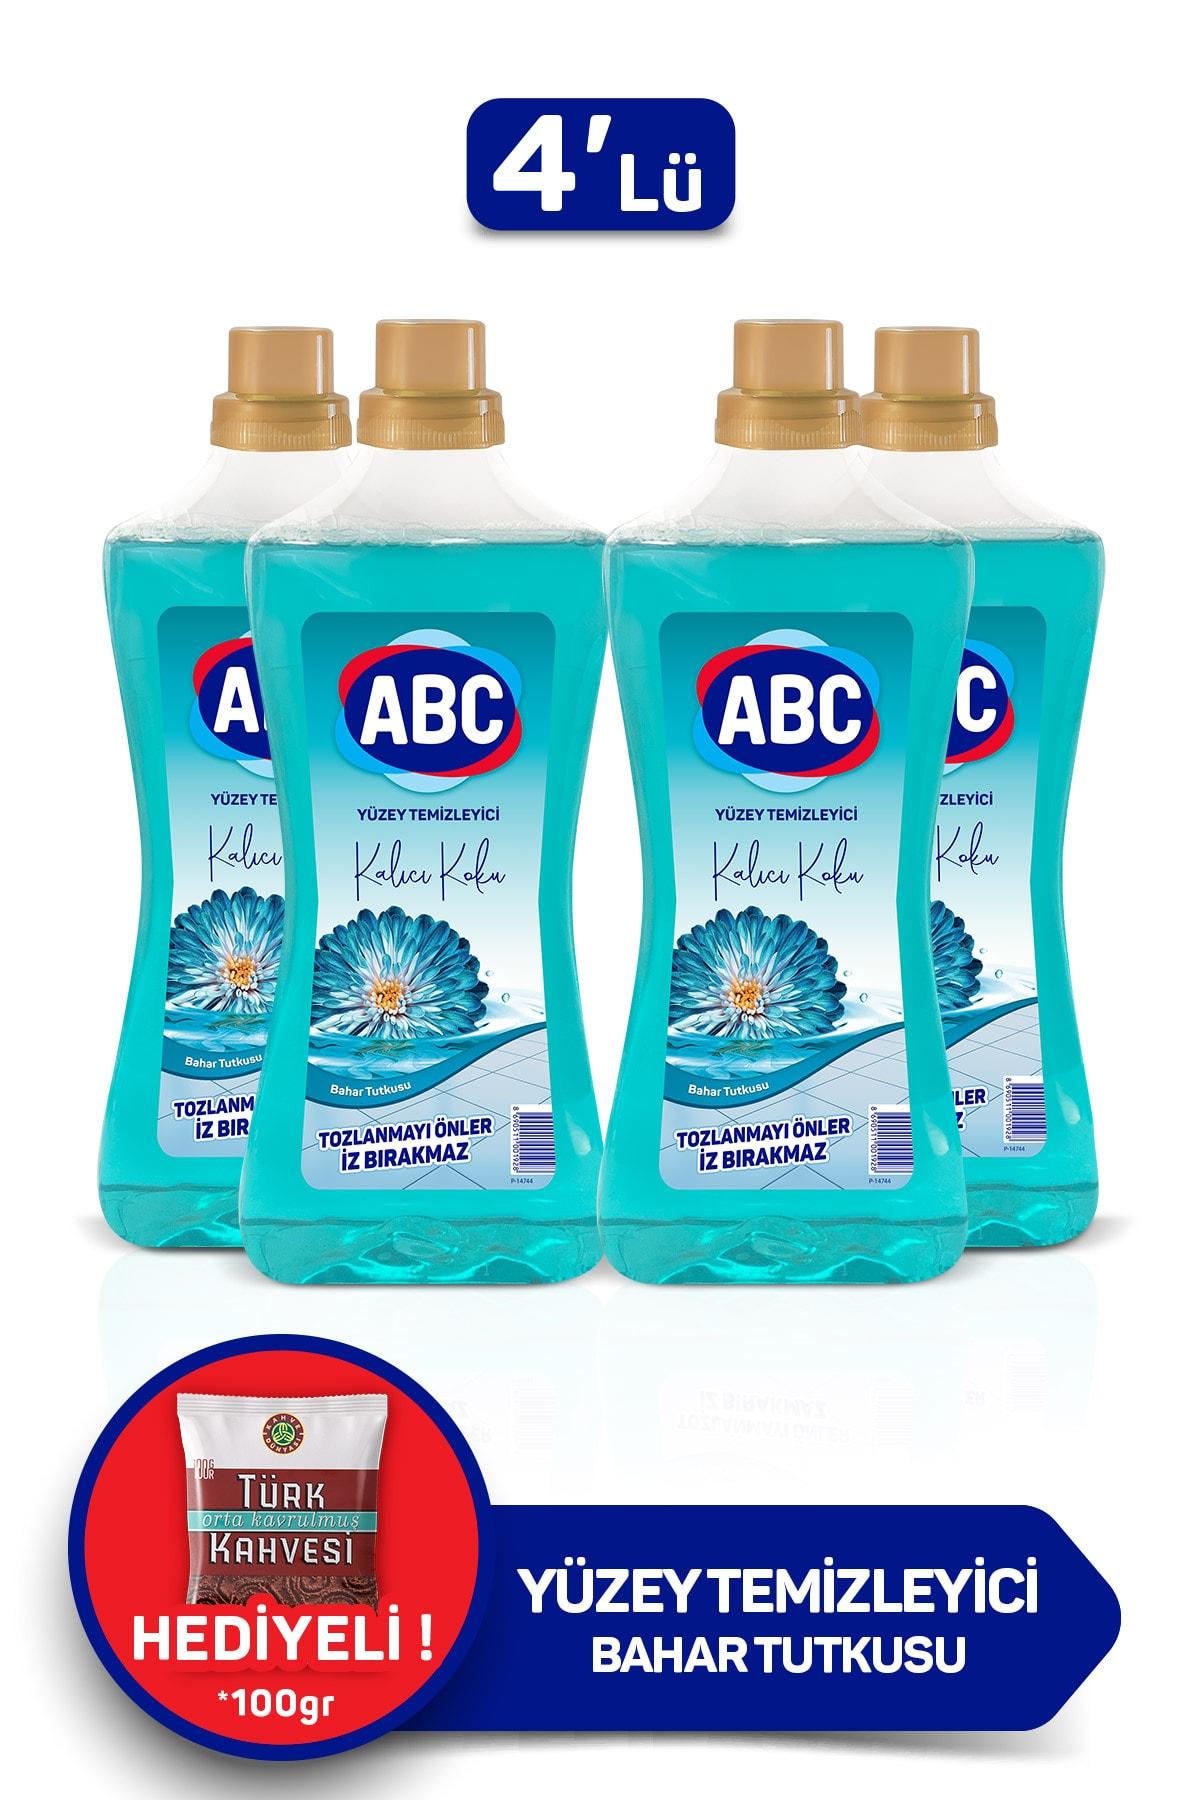 ABC Yüzey Temizleyici -  Bahar Tutkusu 2,5 lt x 4 Adet 1